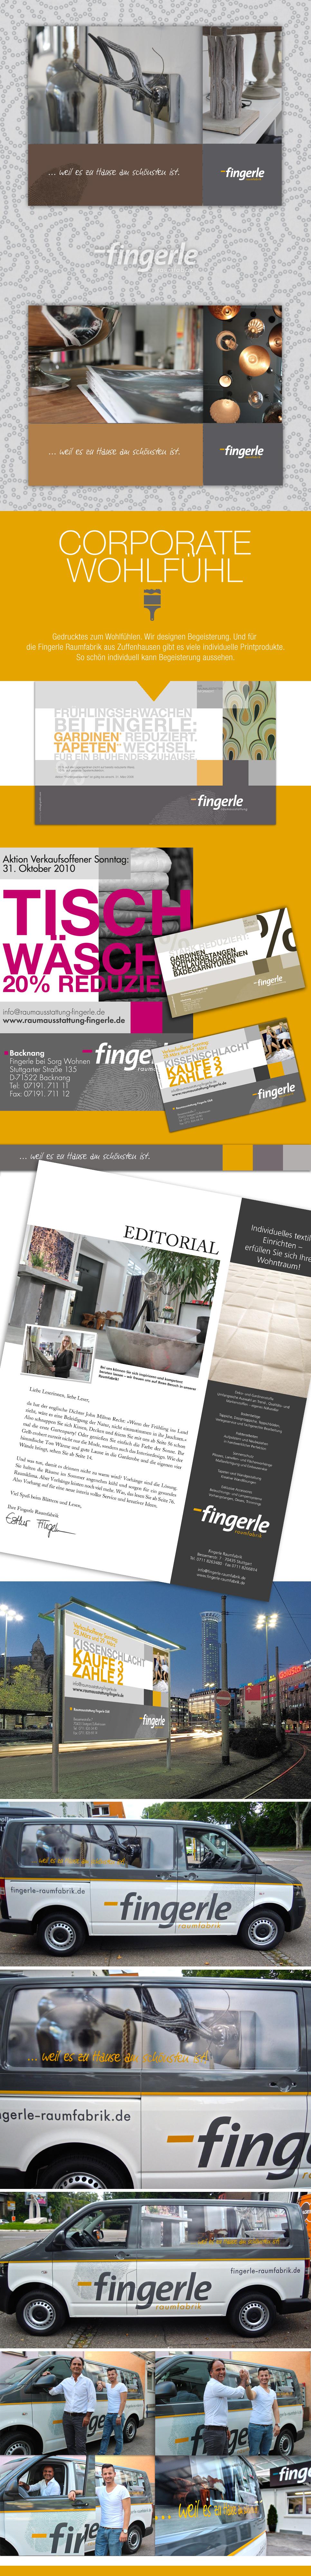 Print Design - Fingerle Raumfabrik - schiegl gmbh | Agentur für ...